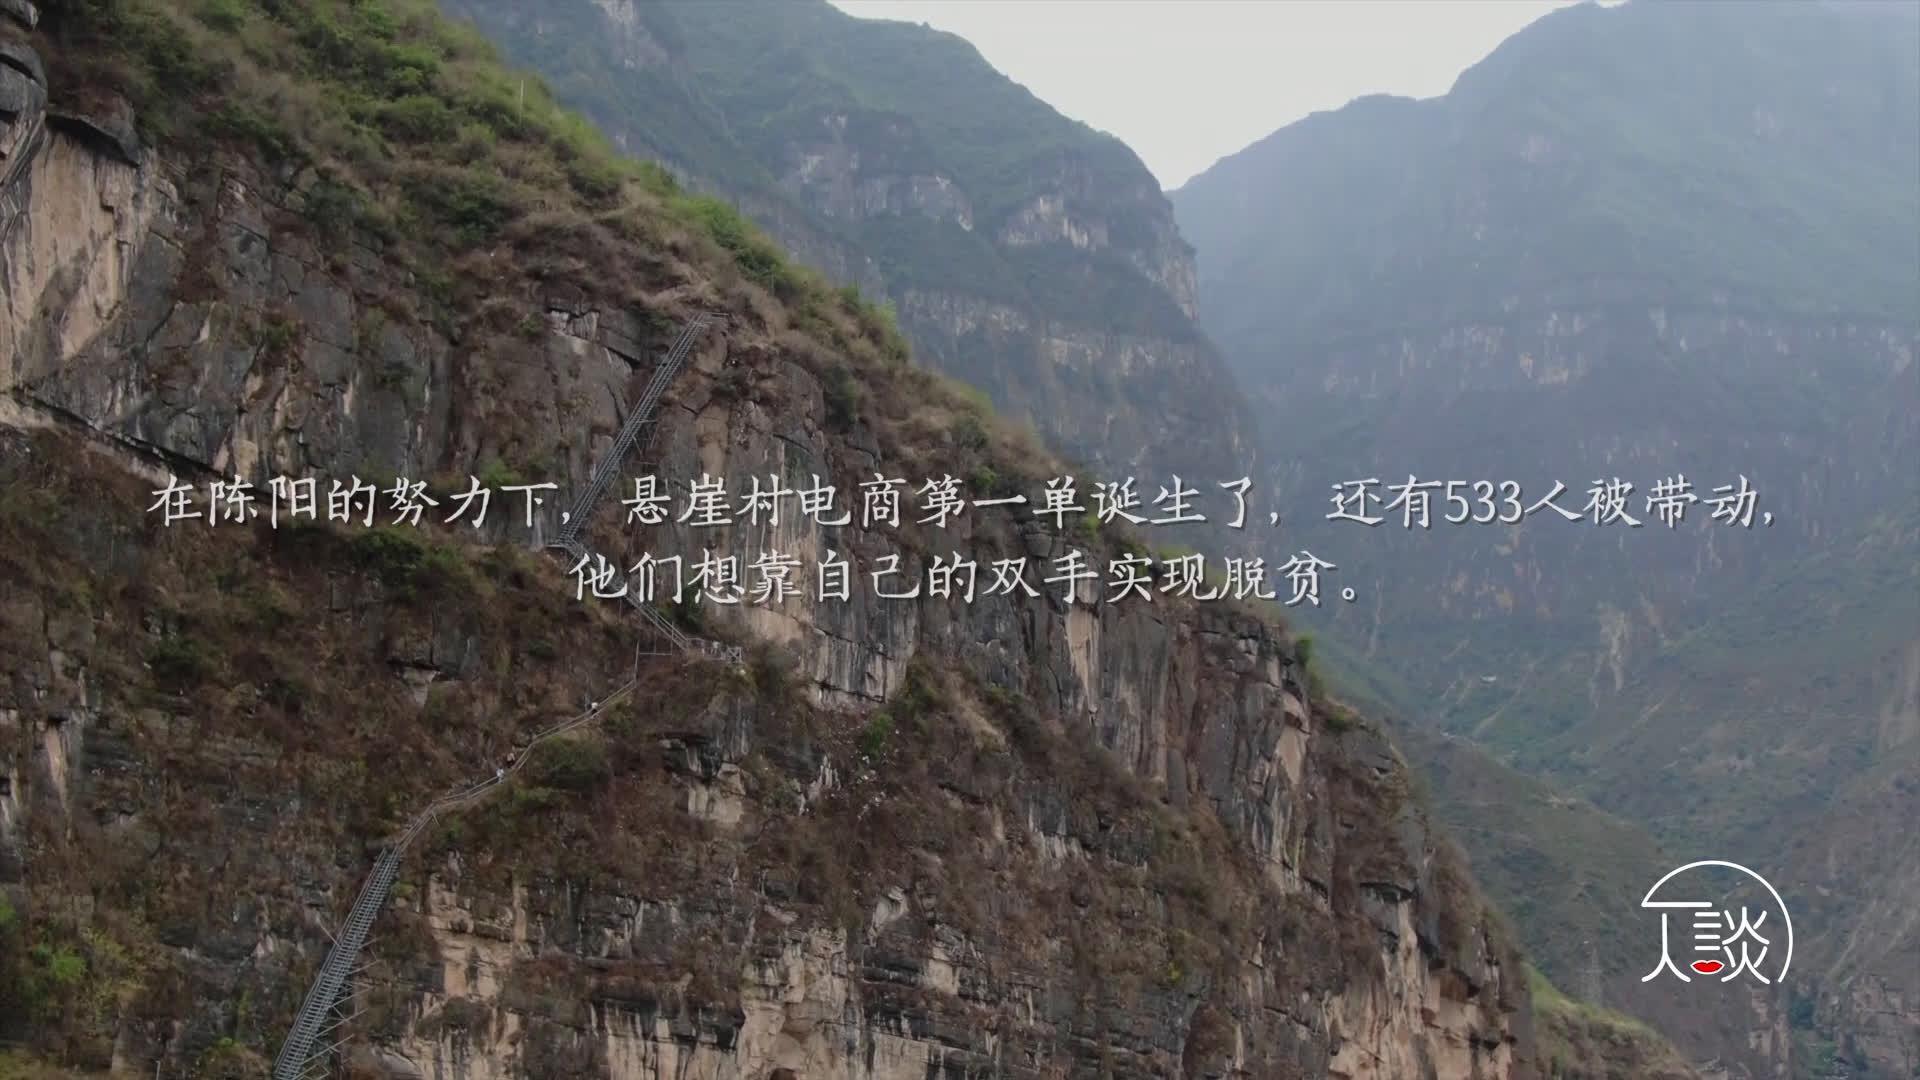 你们知道大凉山有个坐落在1600米海拔之上的悬崖村吗?